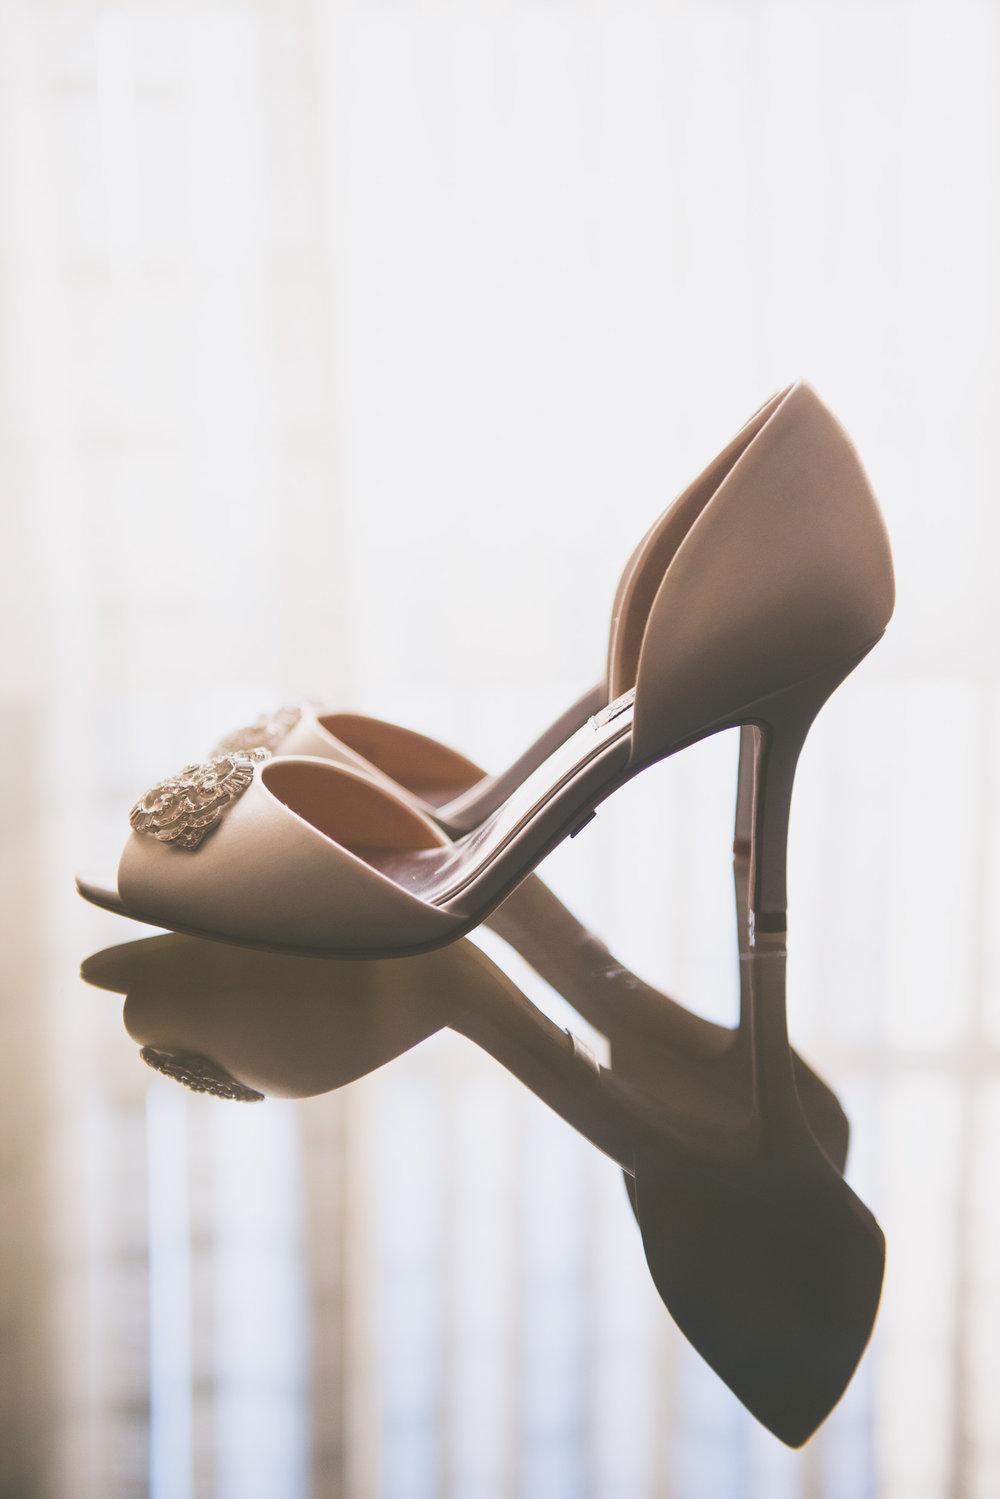 Shoes - Weddings - Photo credit Nicola Bailey.jpg